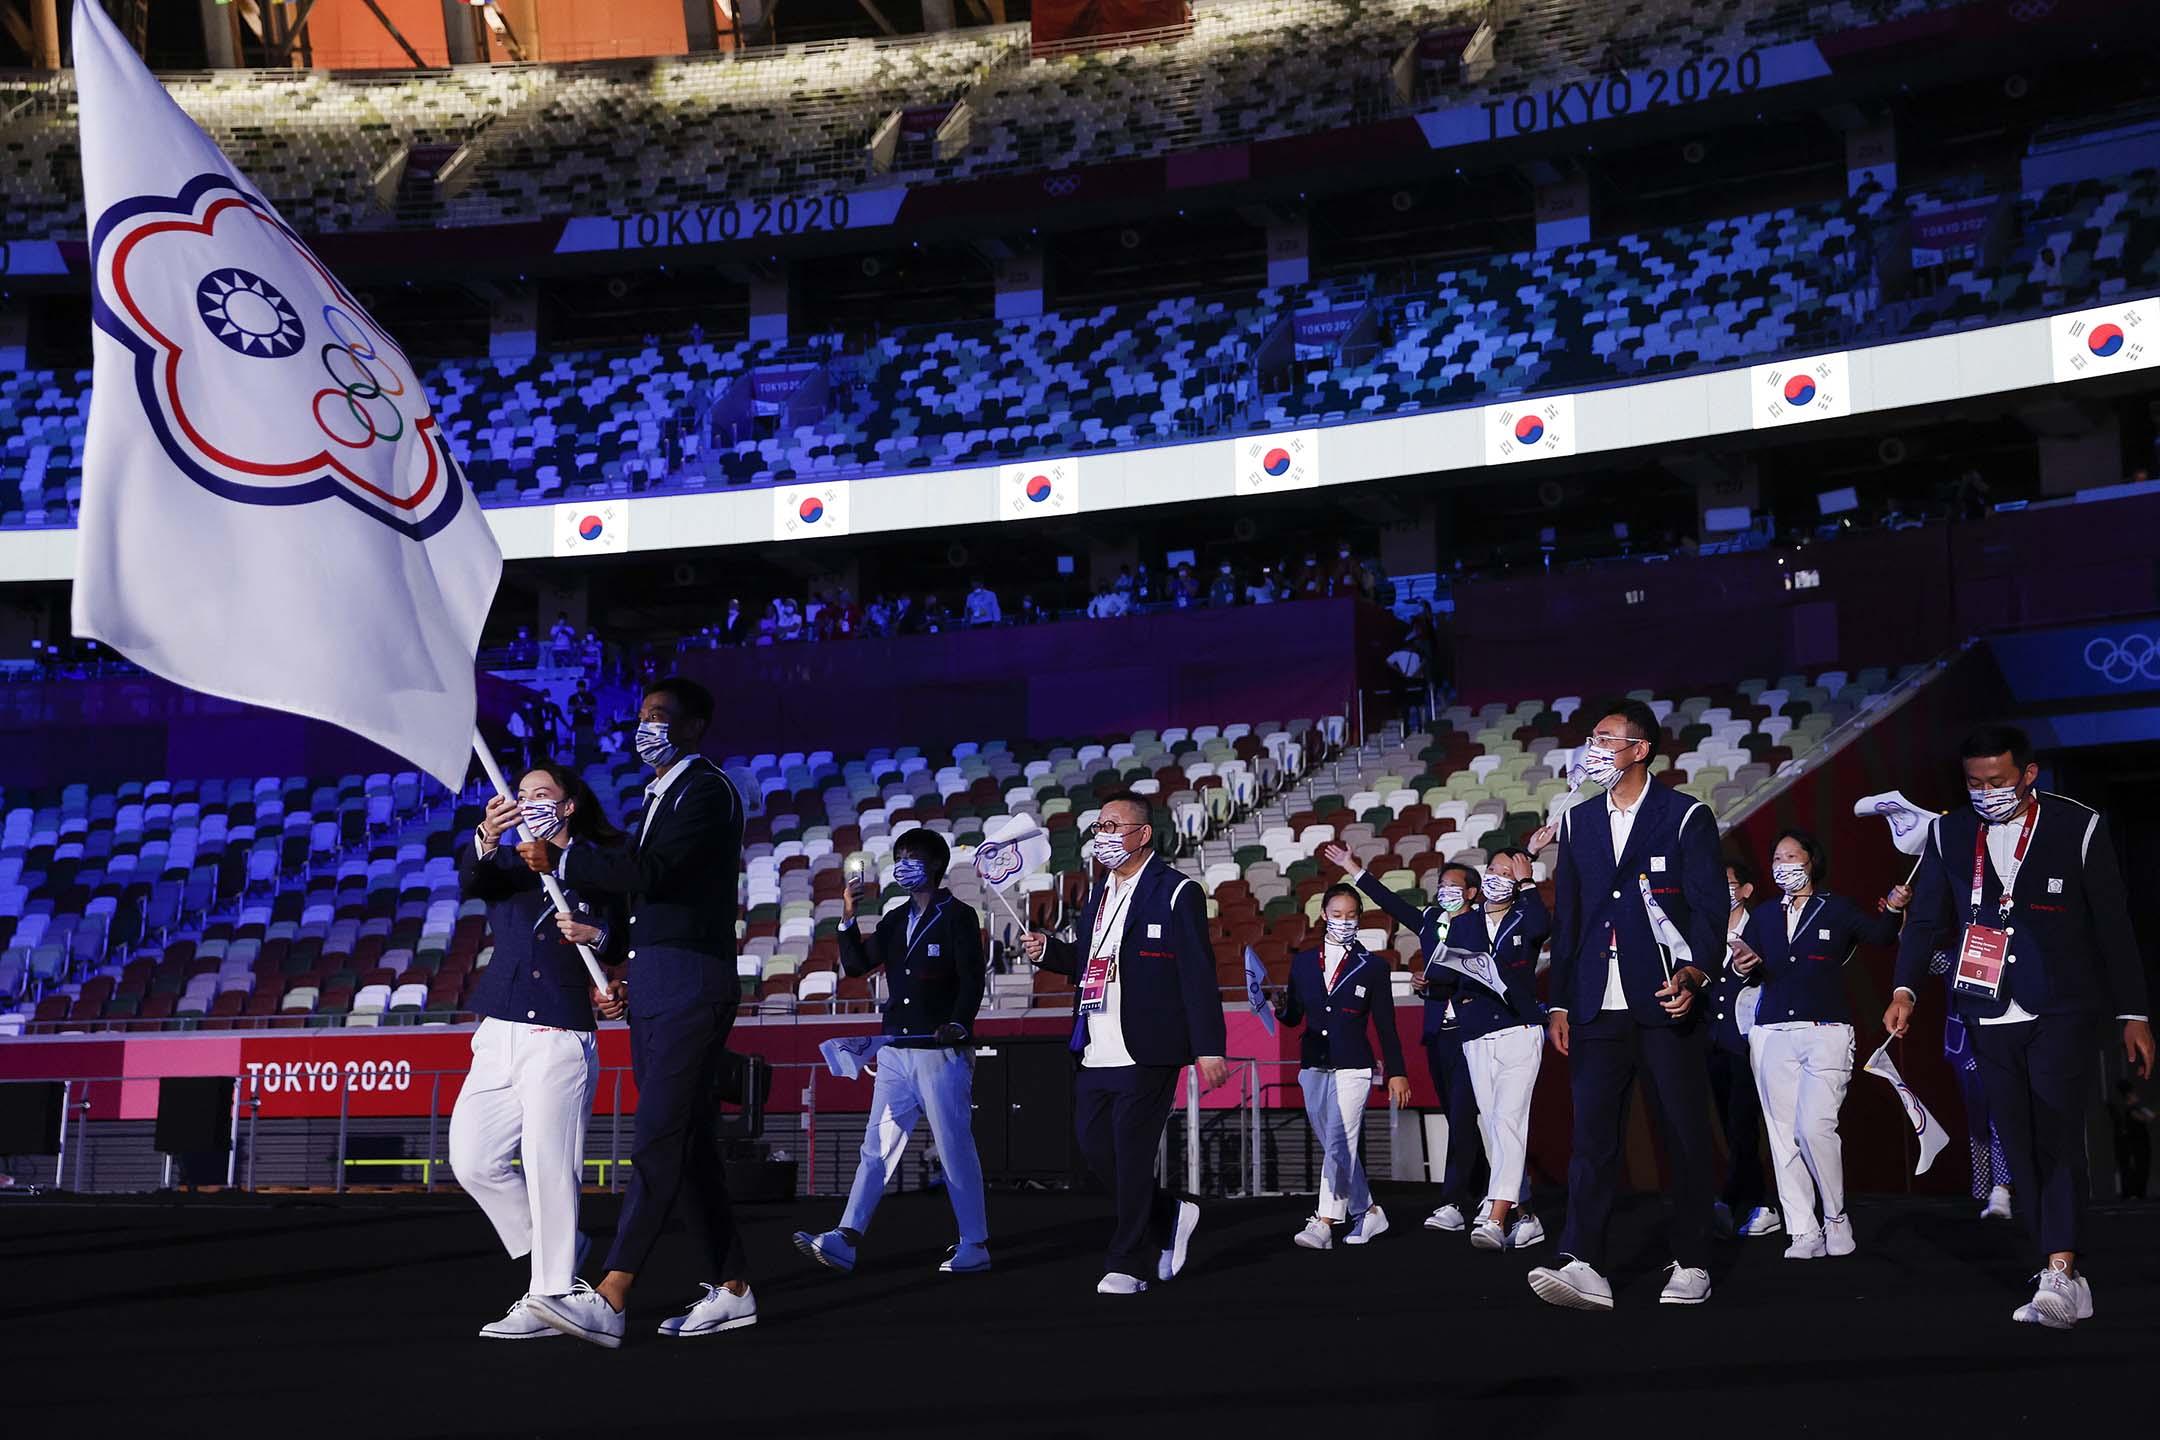 2021年7月23日日本東京,東京奧運會開幕式上,中華台北隊進埸。